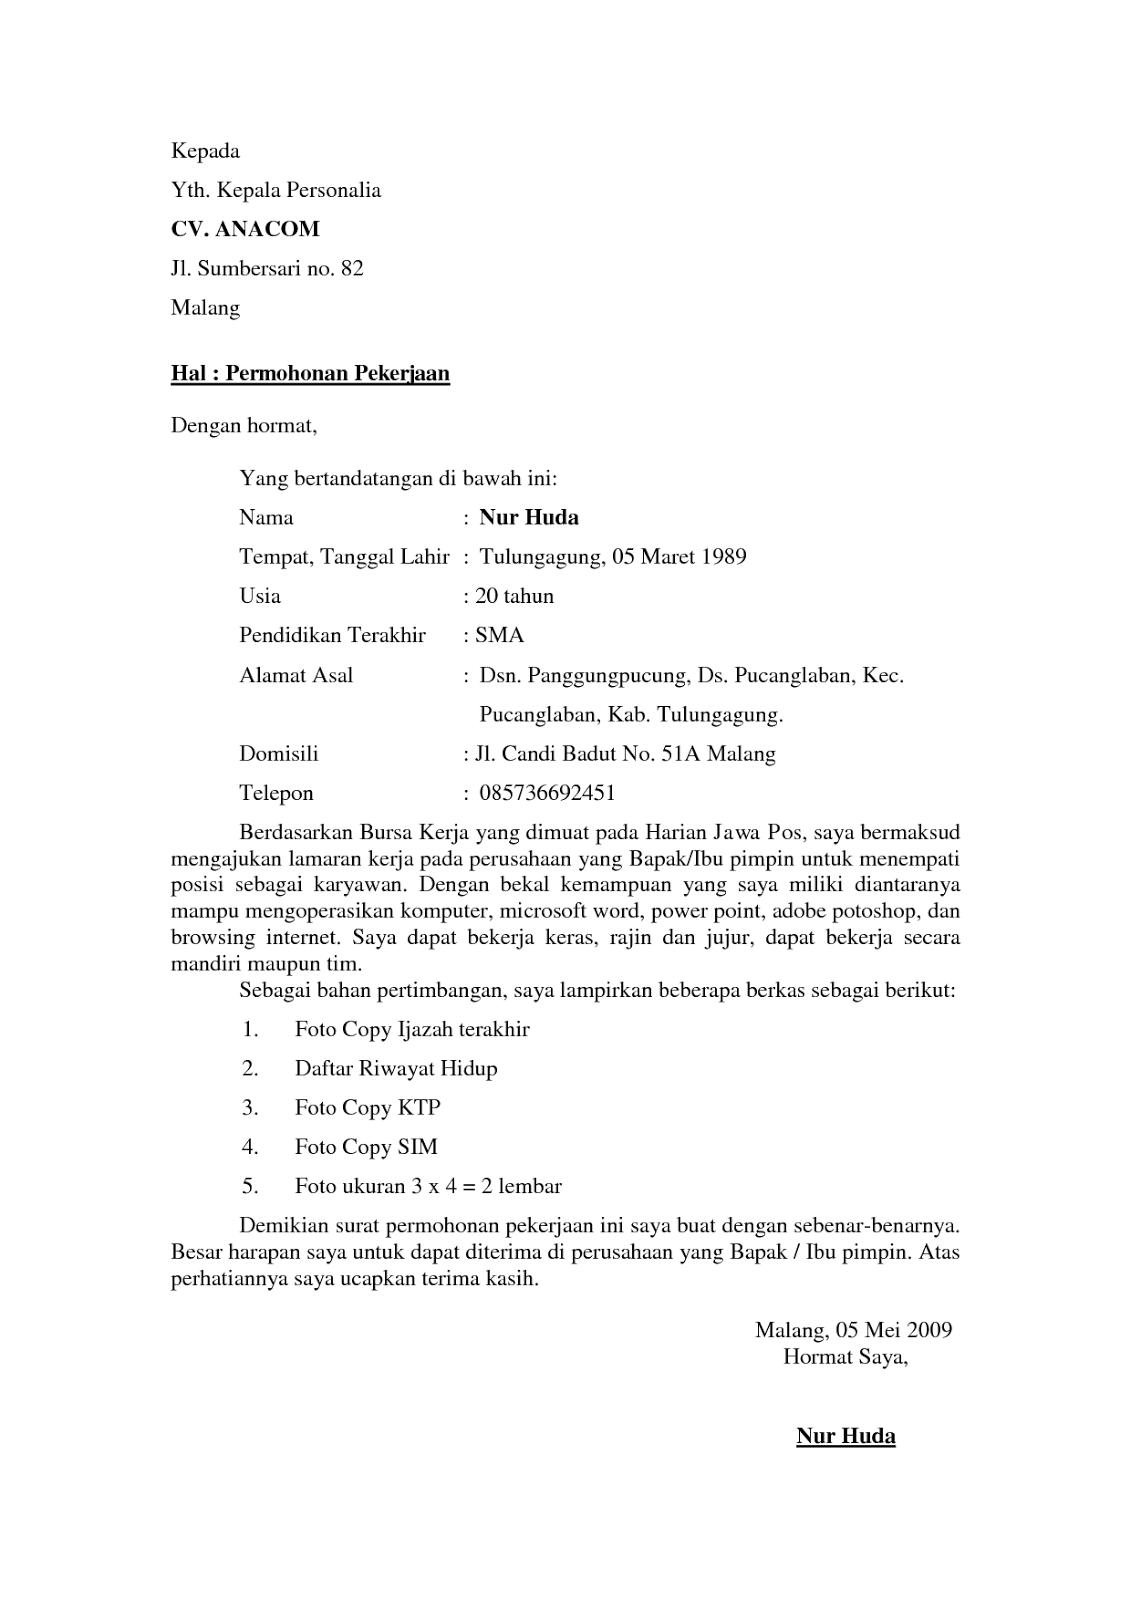 Contoh Surat Lamaran Kerja Yang Baik Dan Benar Sederhana